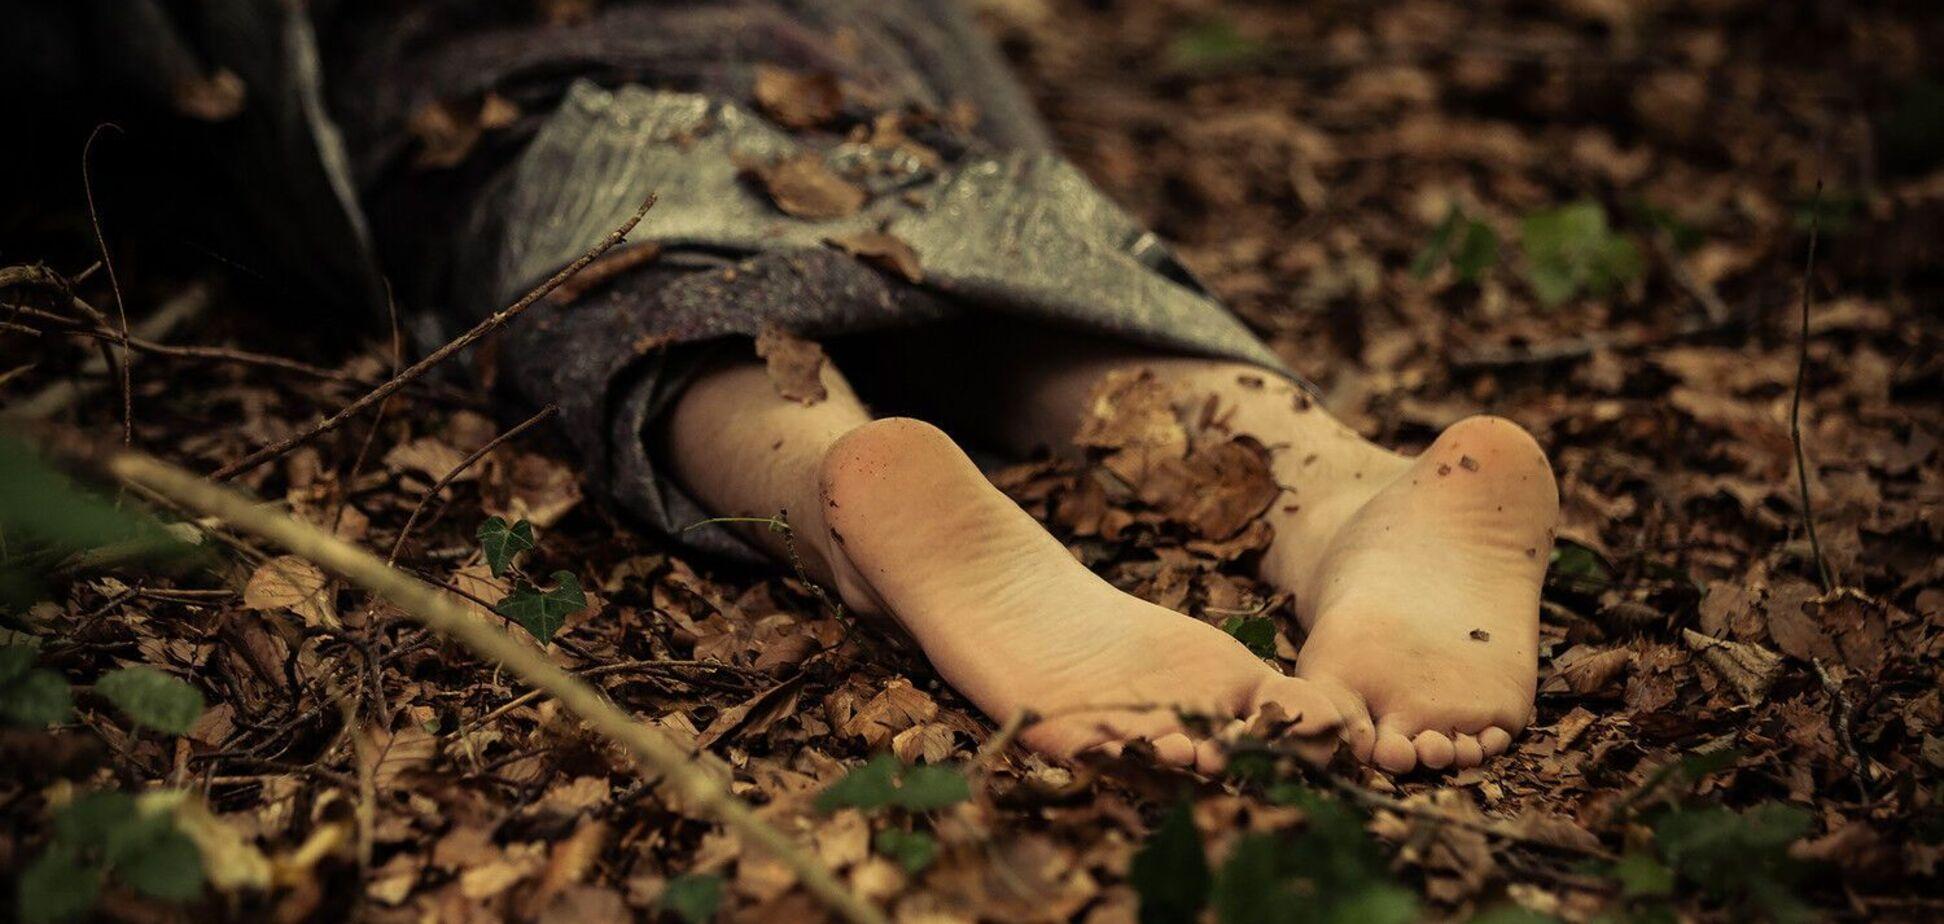 У Кривому Розі в кущах виявили обезголовлене тіло чоловіка. Фото 18+